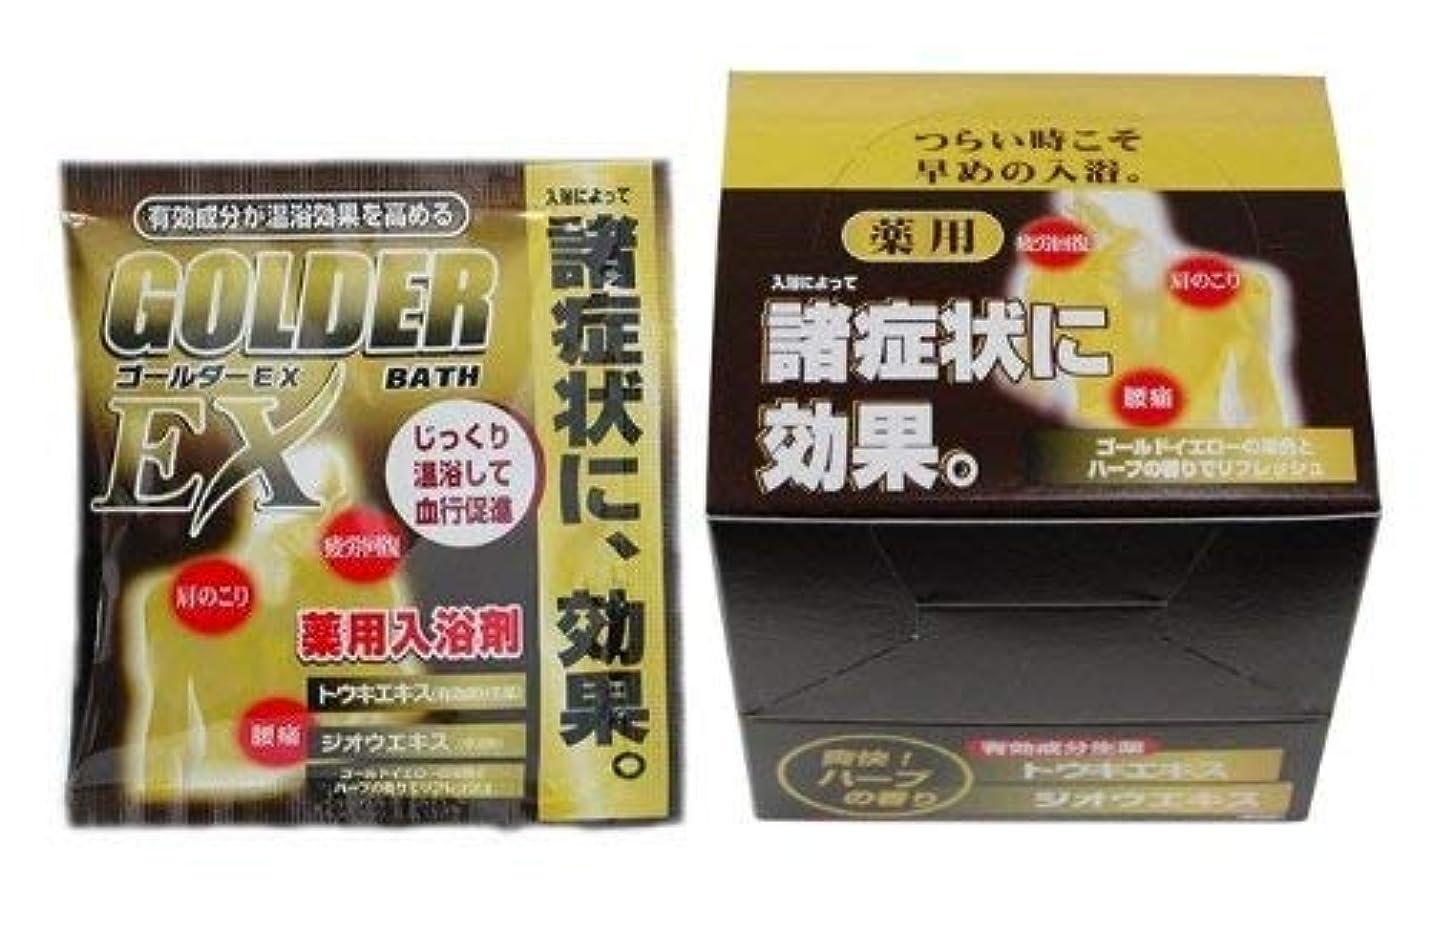 五洲薬品 ゴールダーEX 25g×10包入 [医薬部外品]